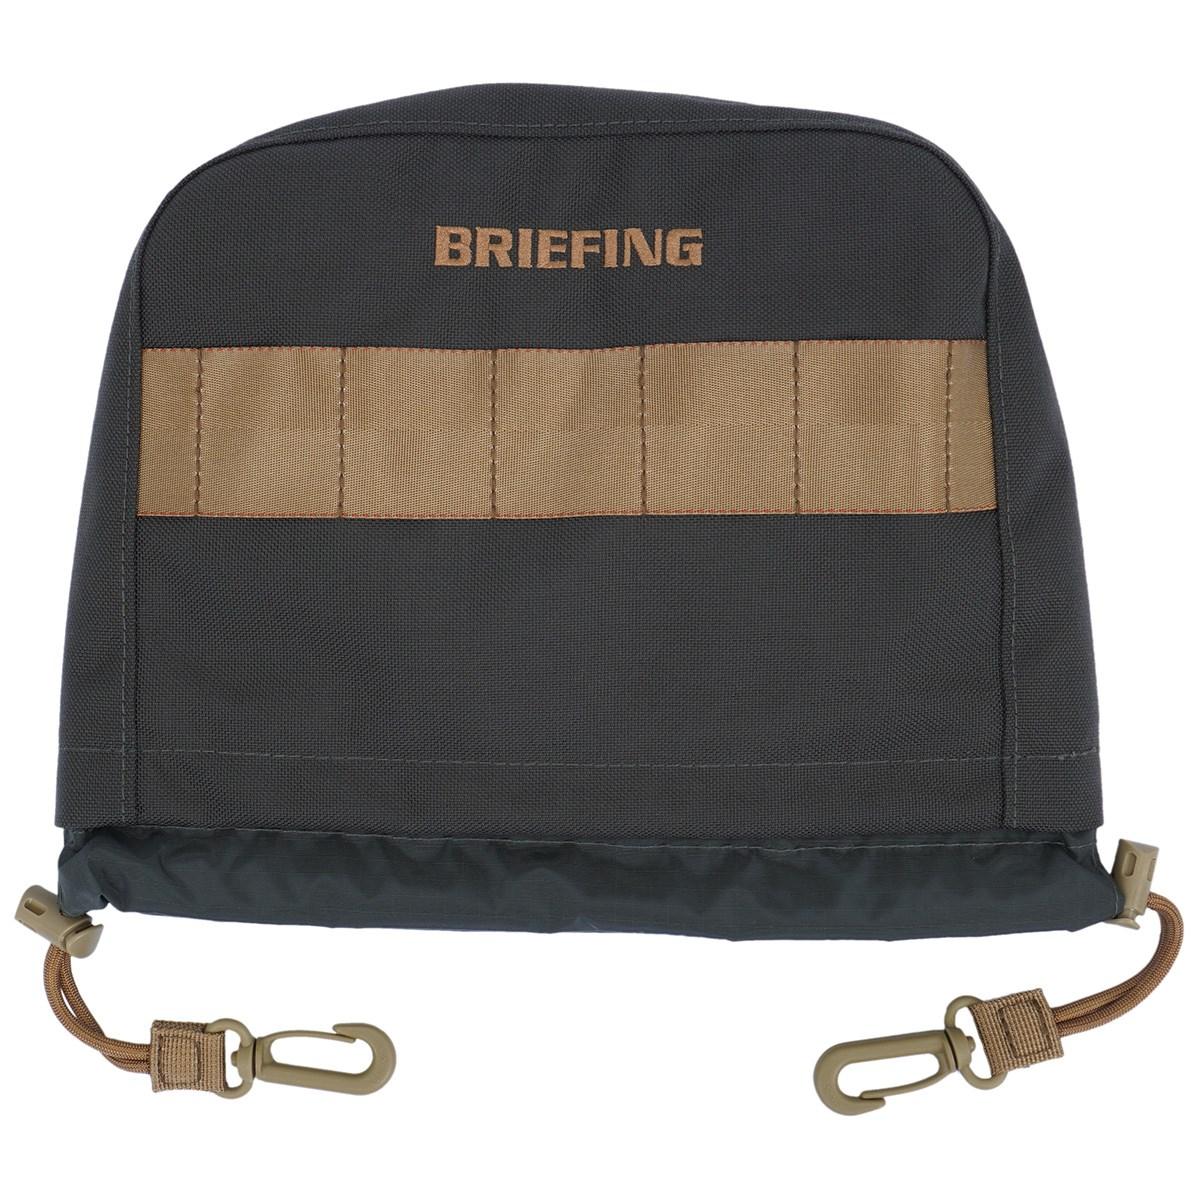 ブリーフィング BRIEFING COYOTE アイアンカバー 2 スティール 011